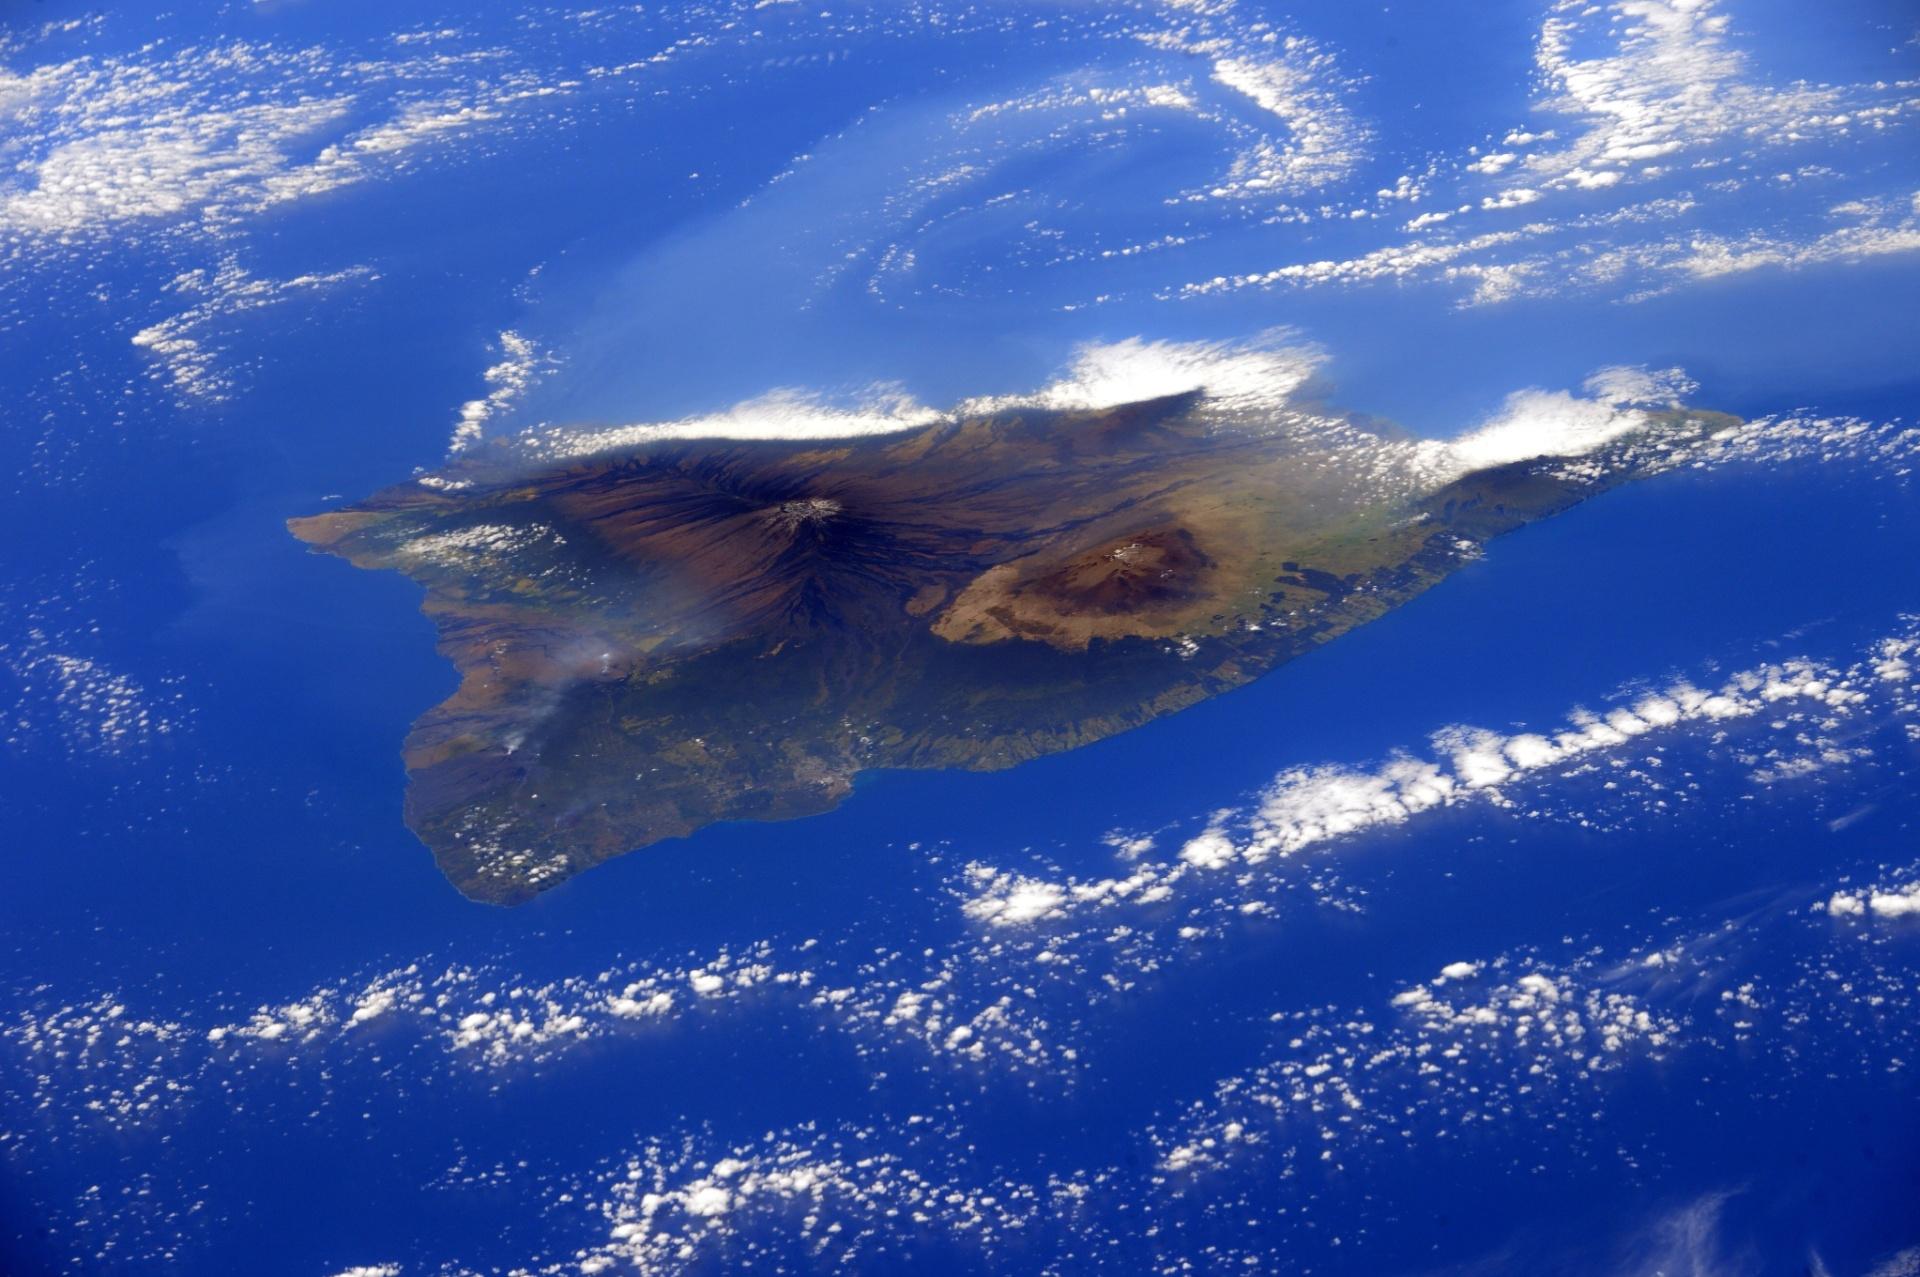 4.MAR.2015 - A astronauta italiana Samantha Cristoforetti tirou esta foto da ilha do Havaí, à bordo da Estação Espacial Internacional (ISS, na sigla em inglês). Ela publicou a imagem em sua conta no Twitter junto com a mensagem: